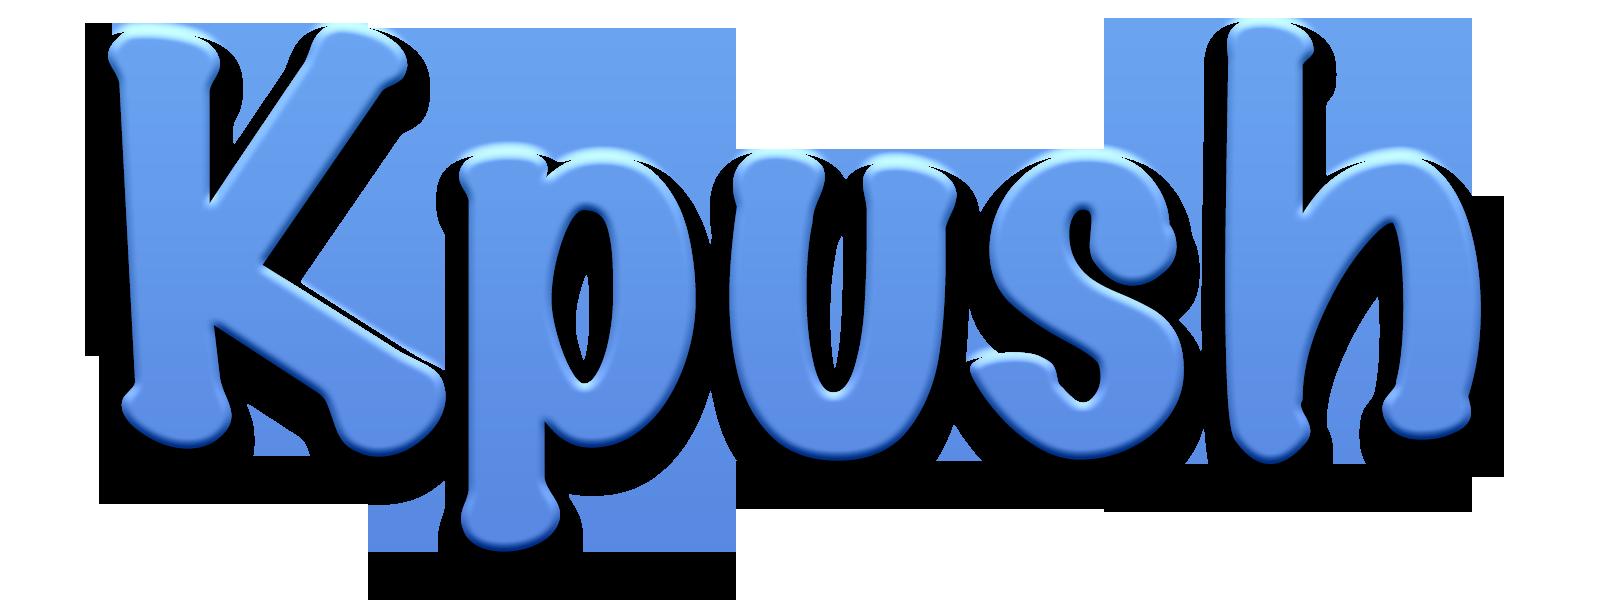 kpush.com